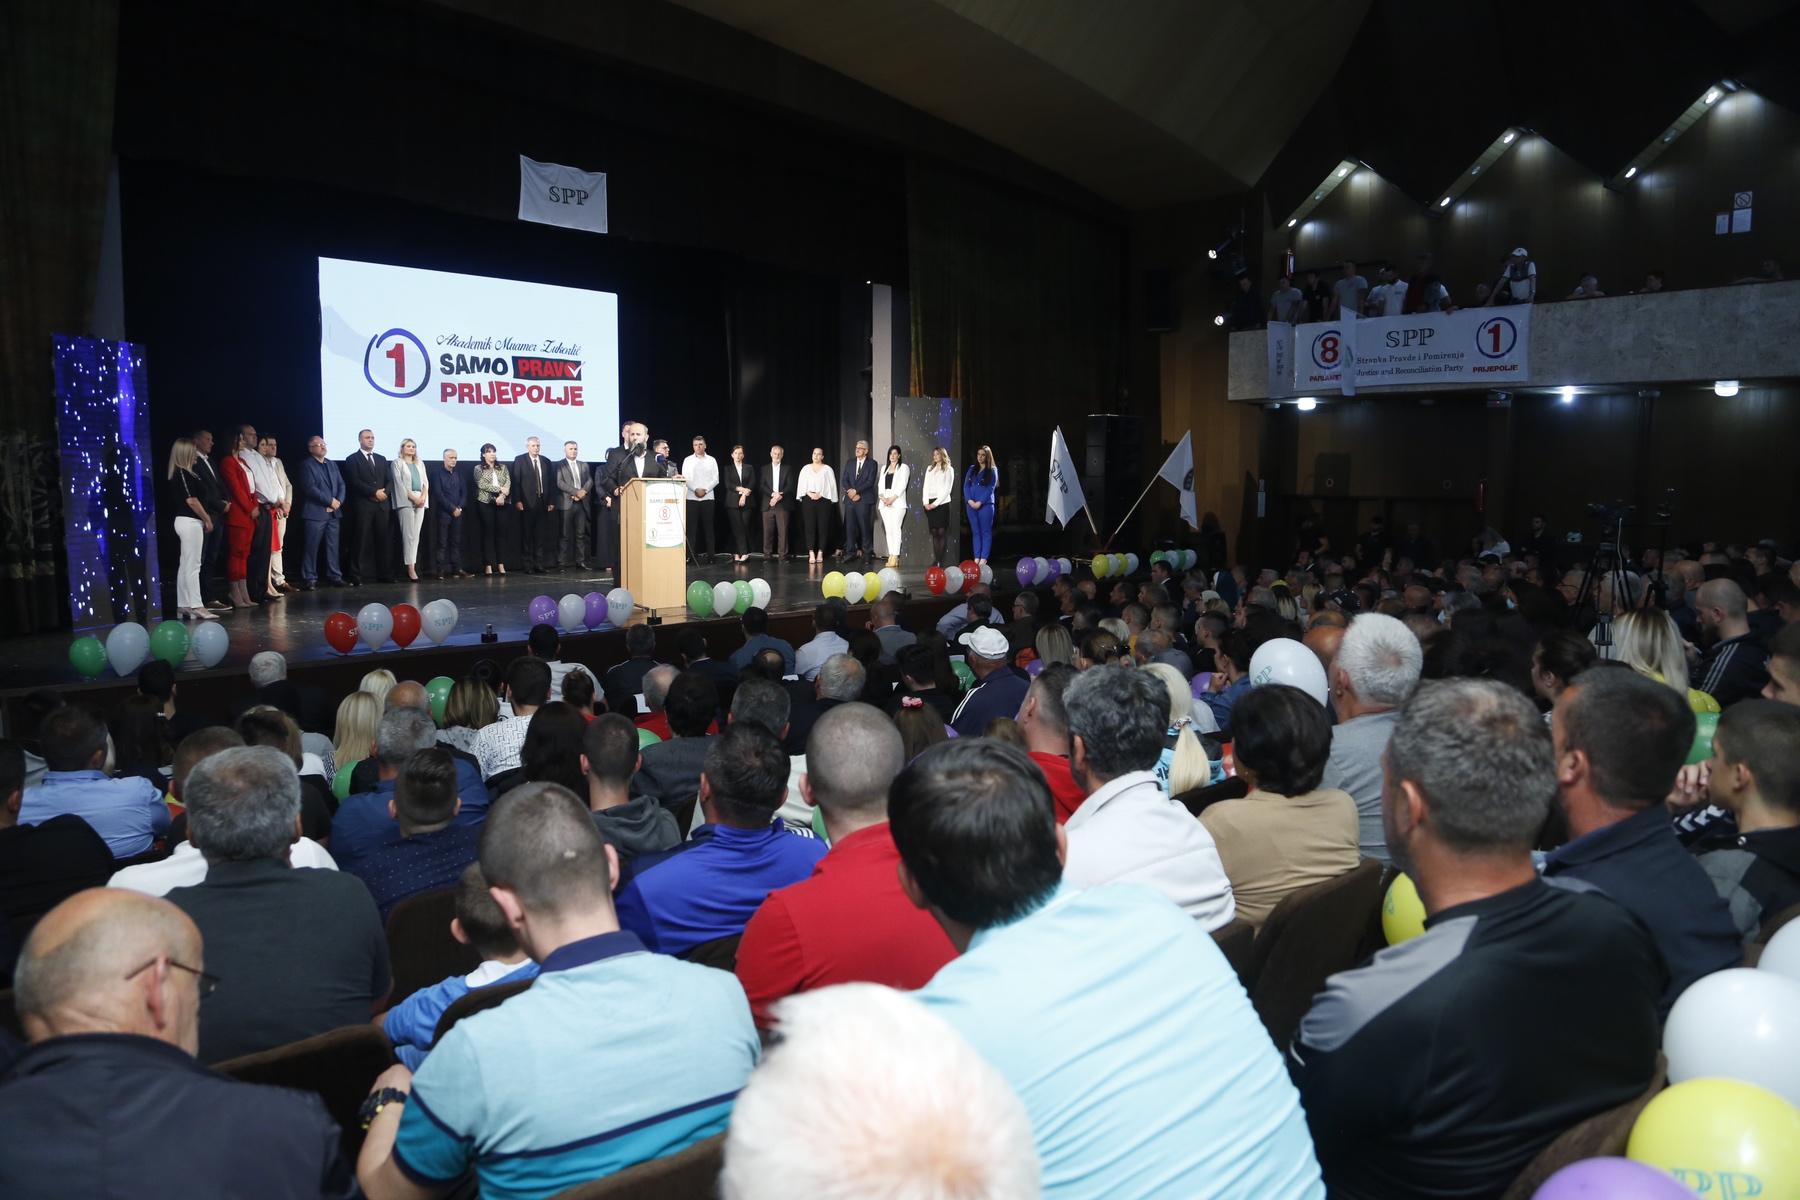 1592165404877201 - Završni miting u Prijepolju – SPP je bedem vjere, kulture i identiteta